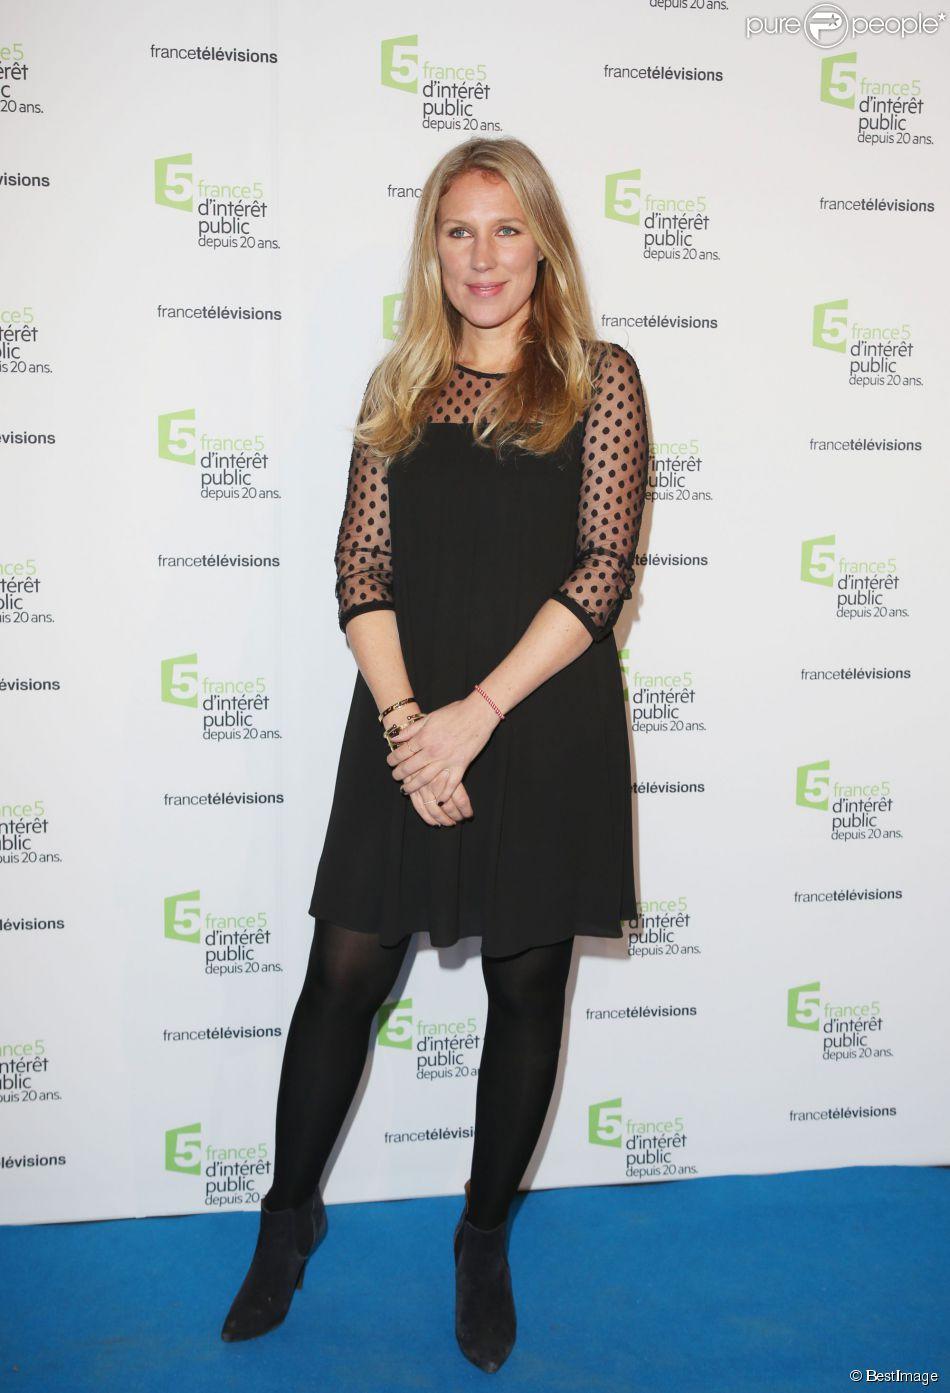 Agathe Lecaron - Soirée du 20ème anniversaire de France 5 à la Cité de la mode et du design à Paris, le 27 novembre 2014.